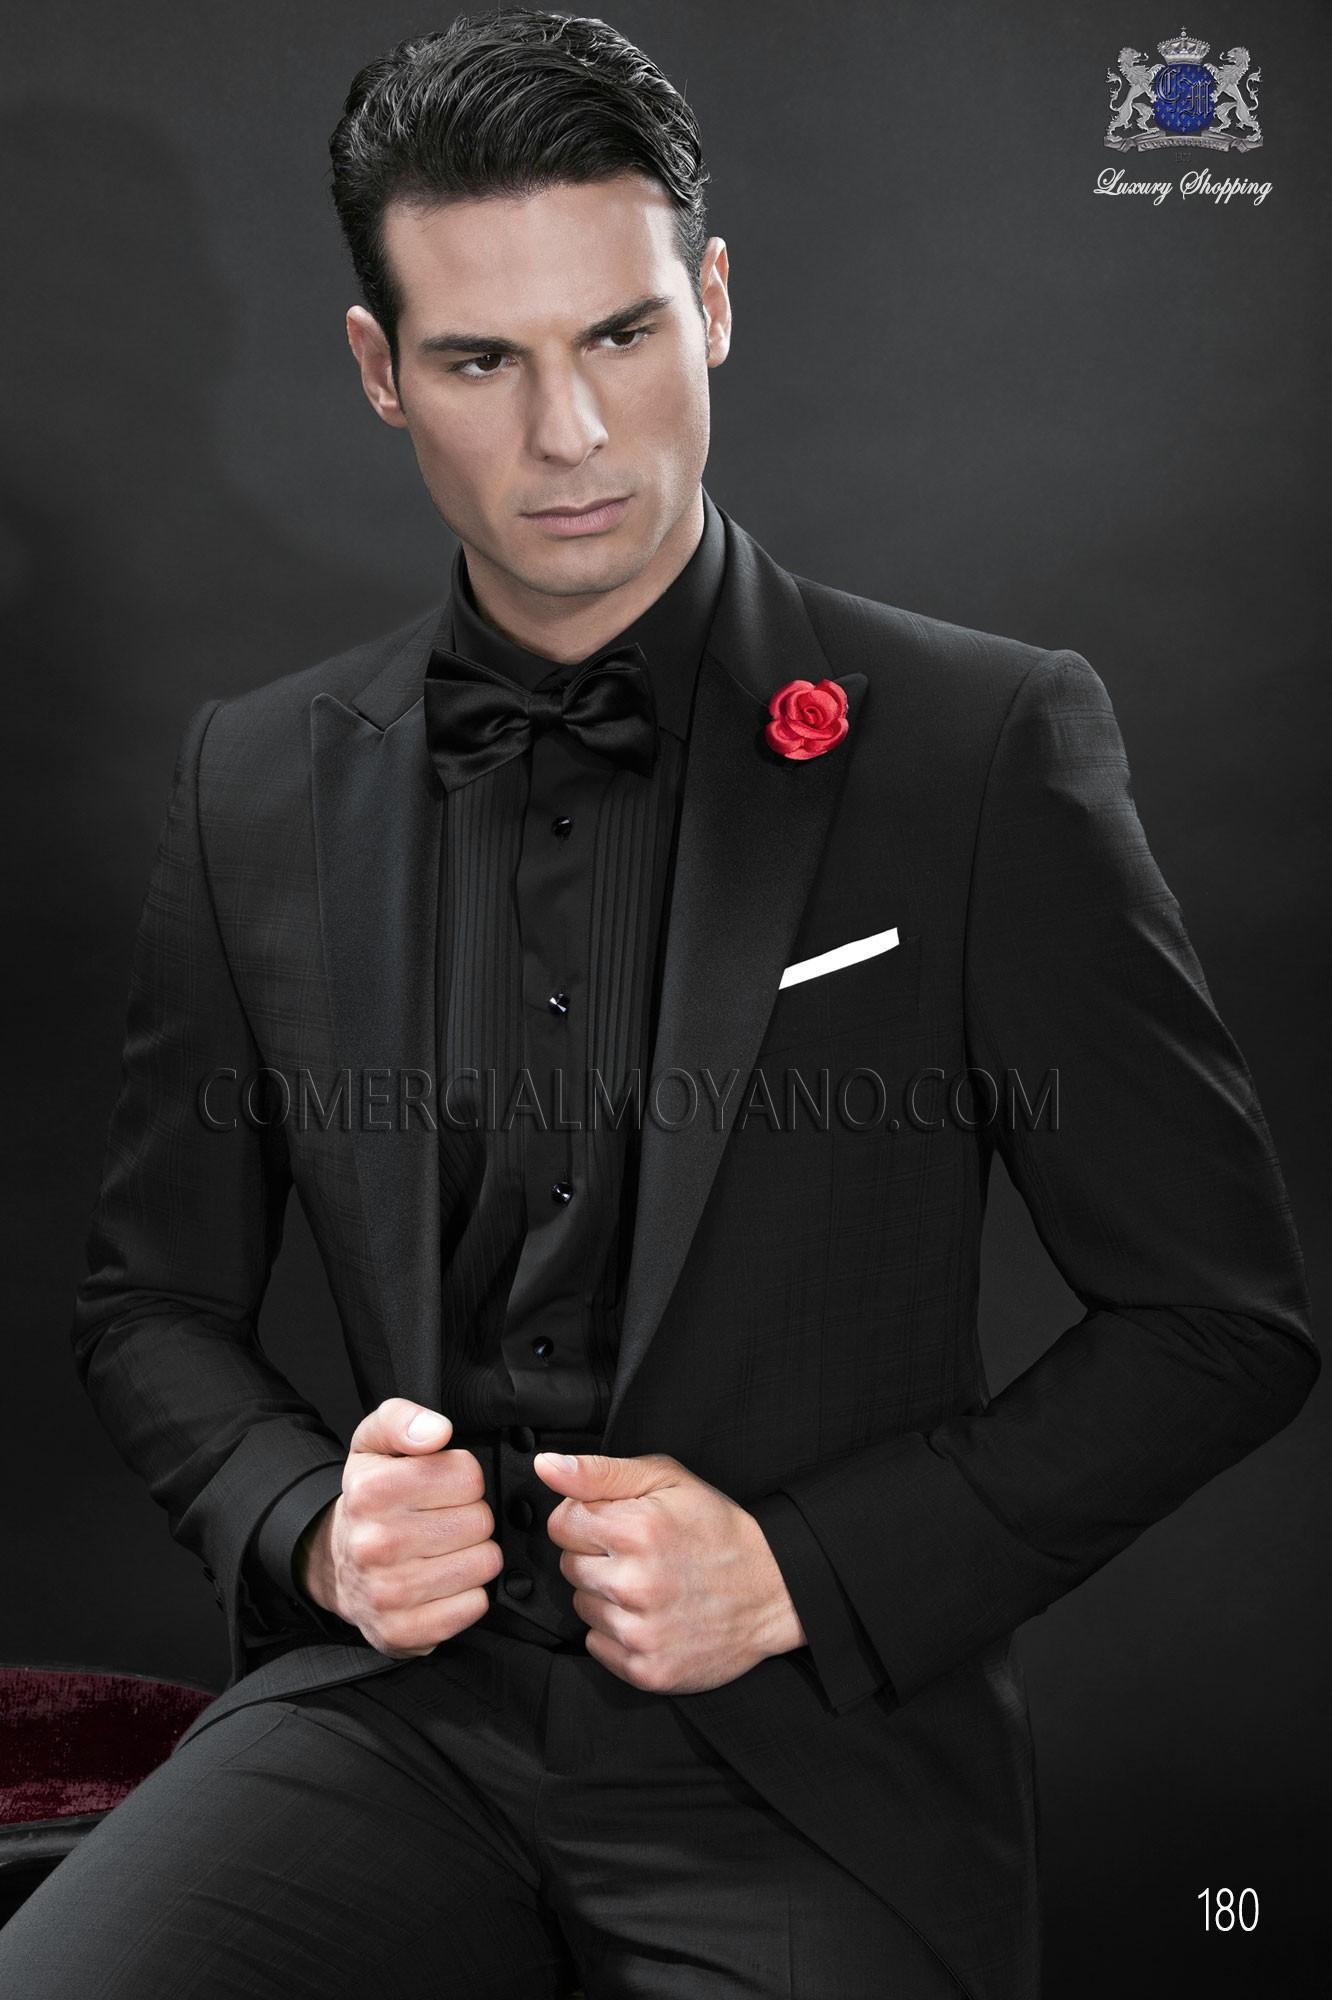 Italian bespoke tuxedo black wedding suit style 180 Ottavio Nuccio ...